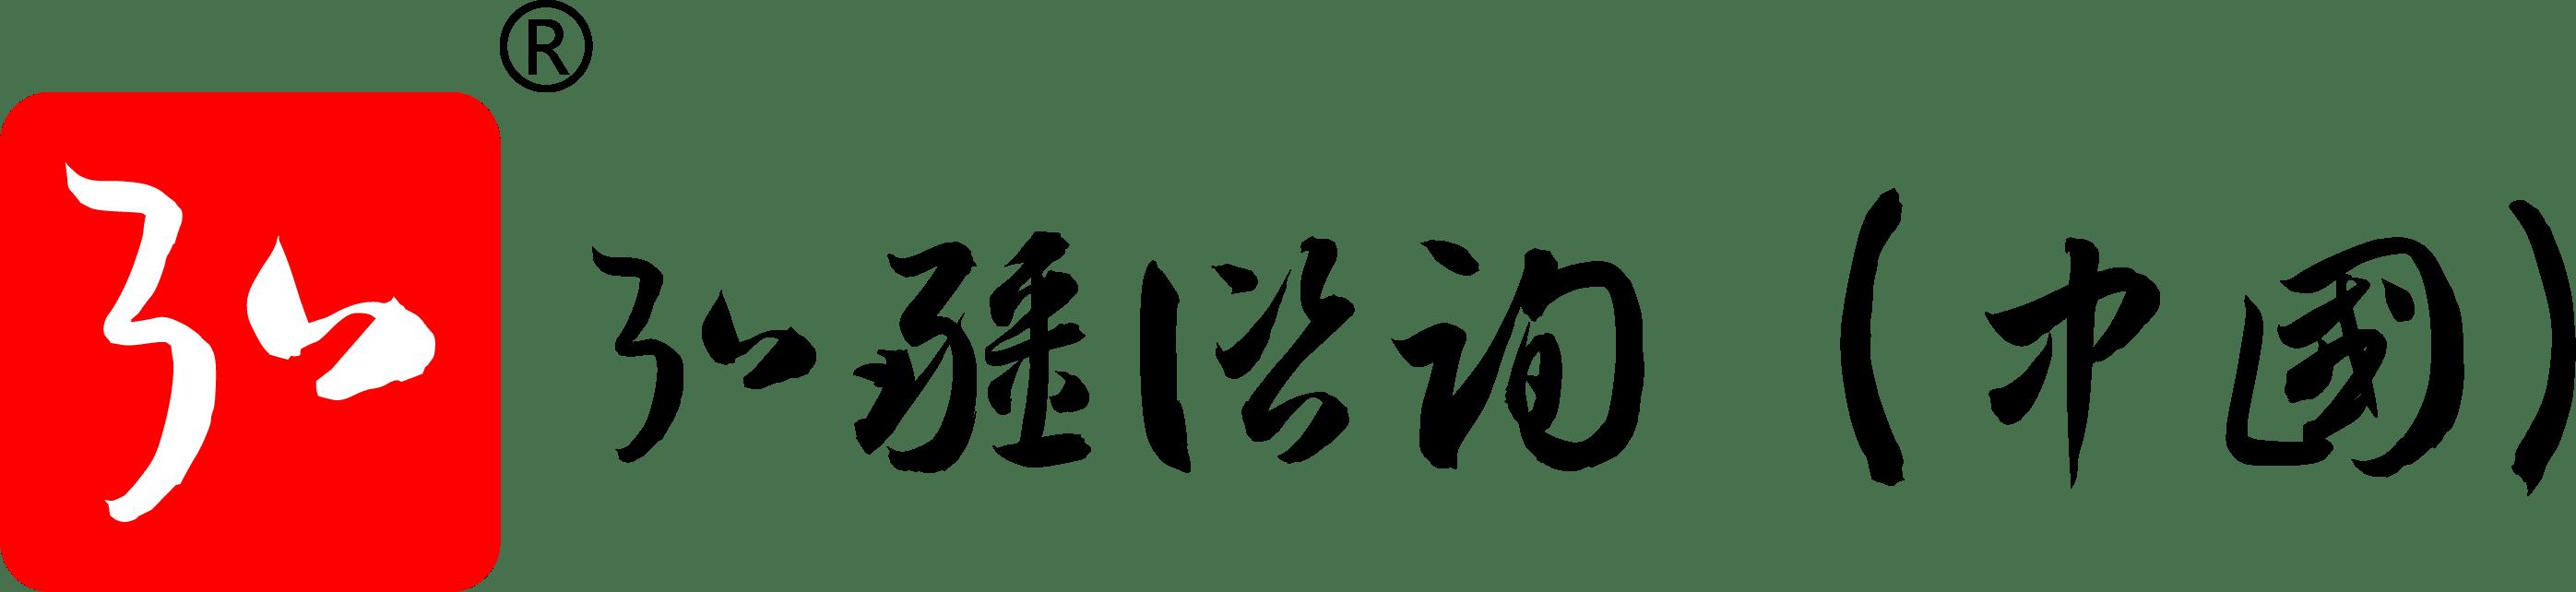 弘疆咨询股份有限公司